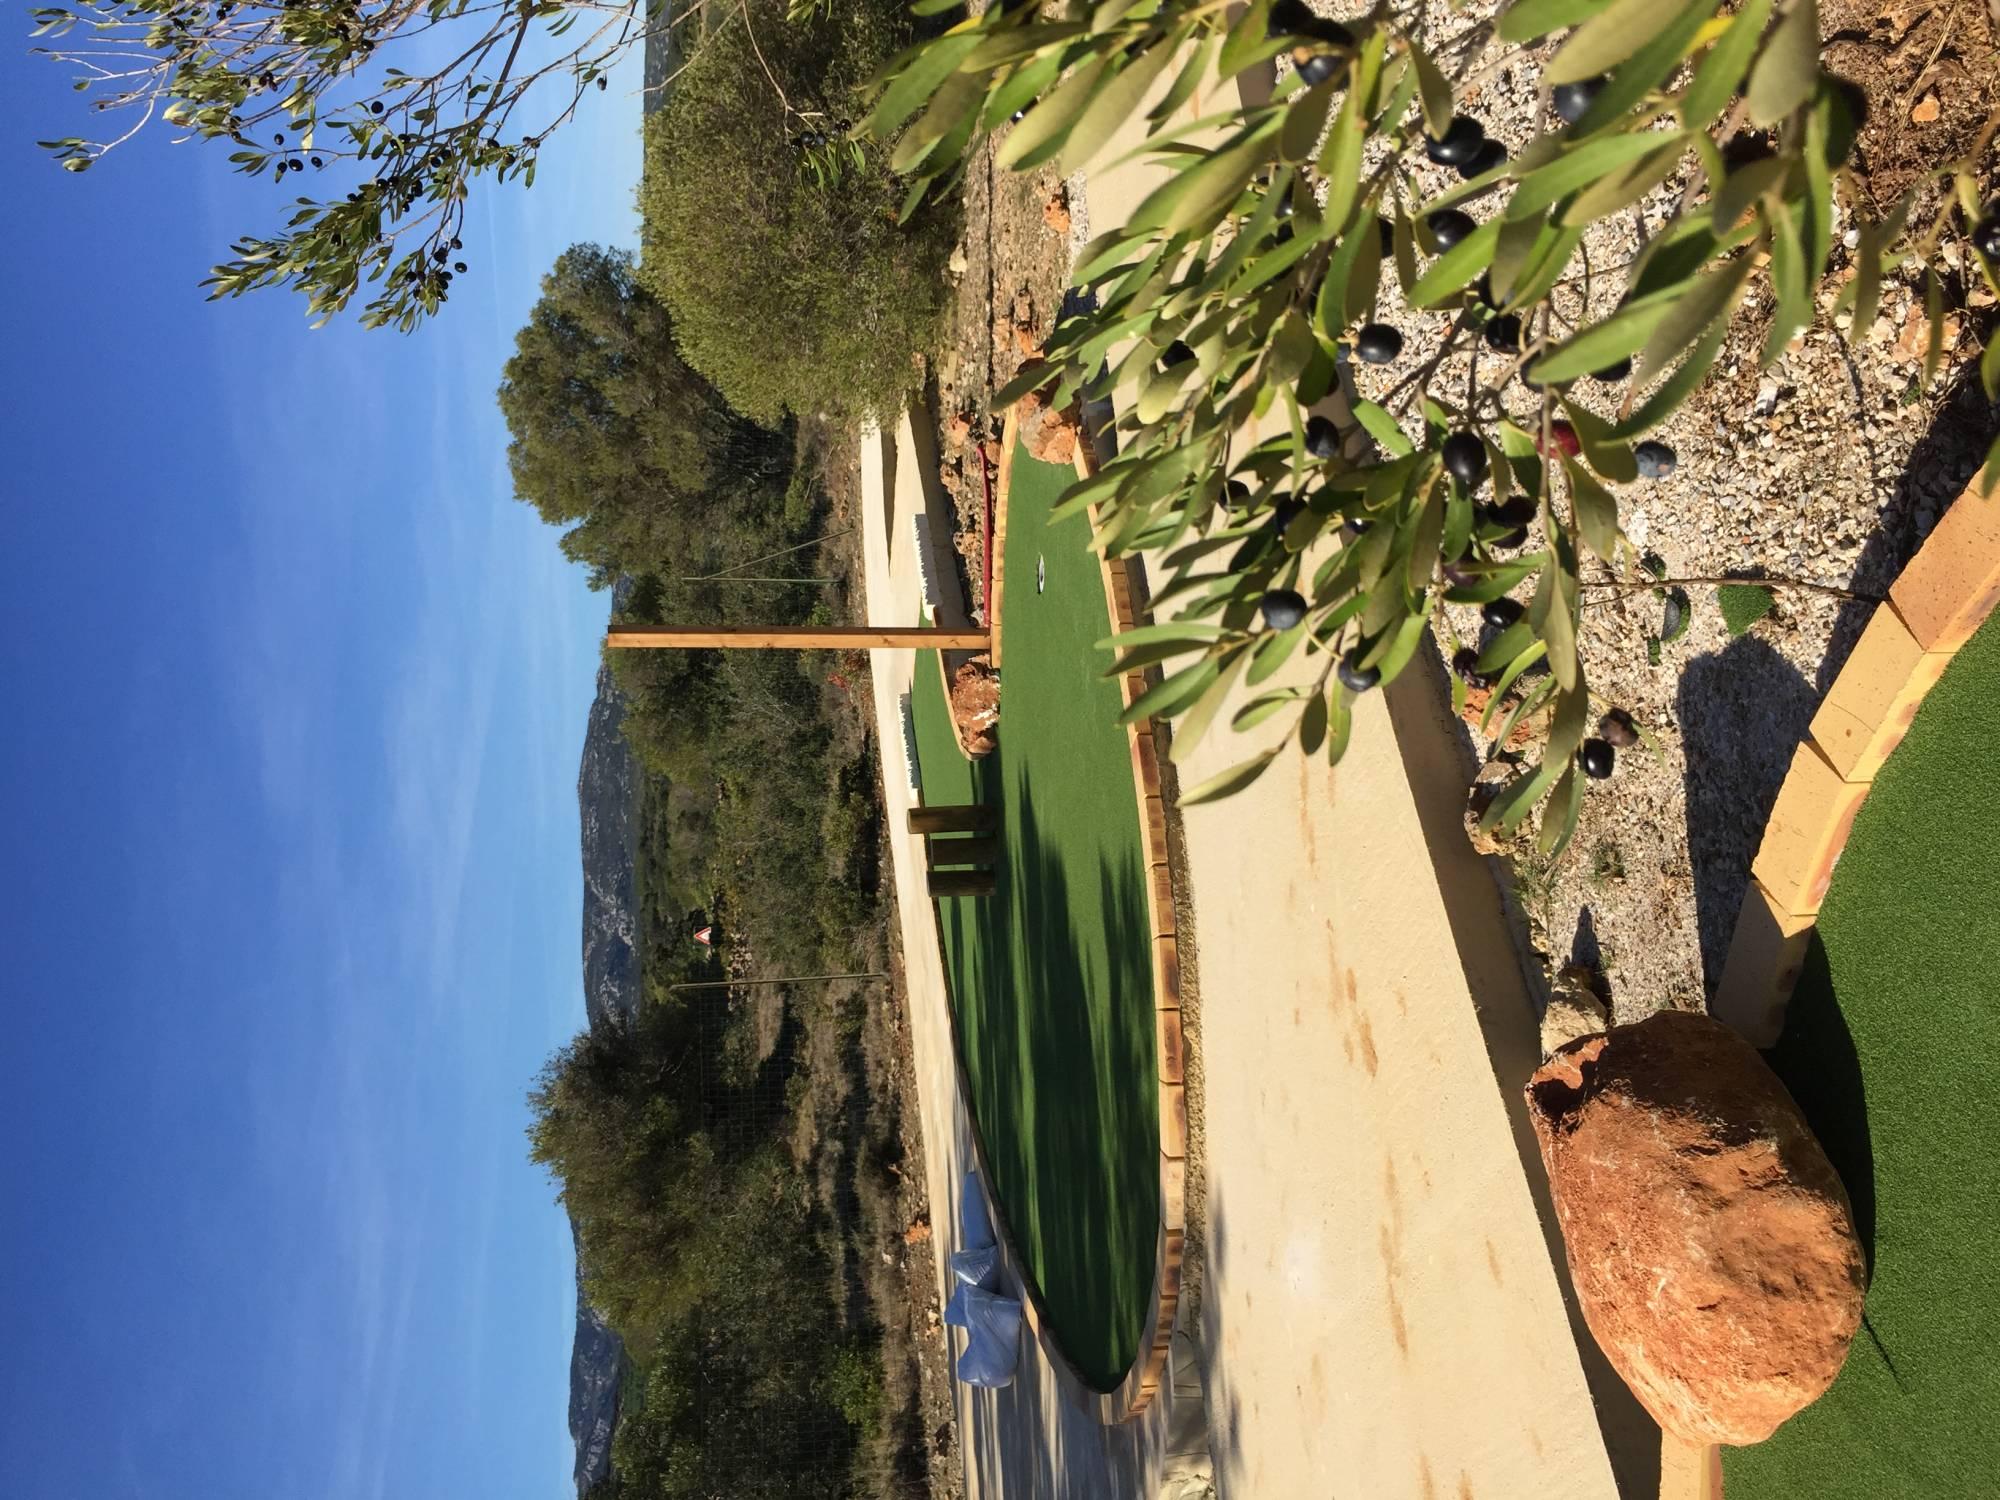 gazon artificiel pour piste de mini-golf